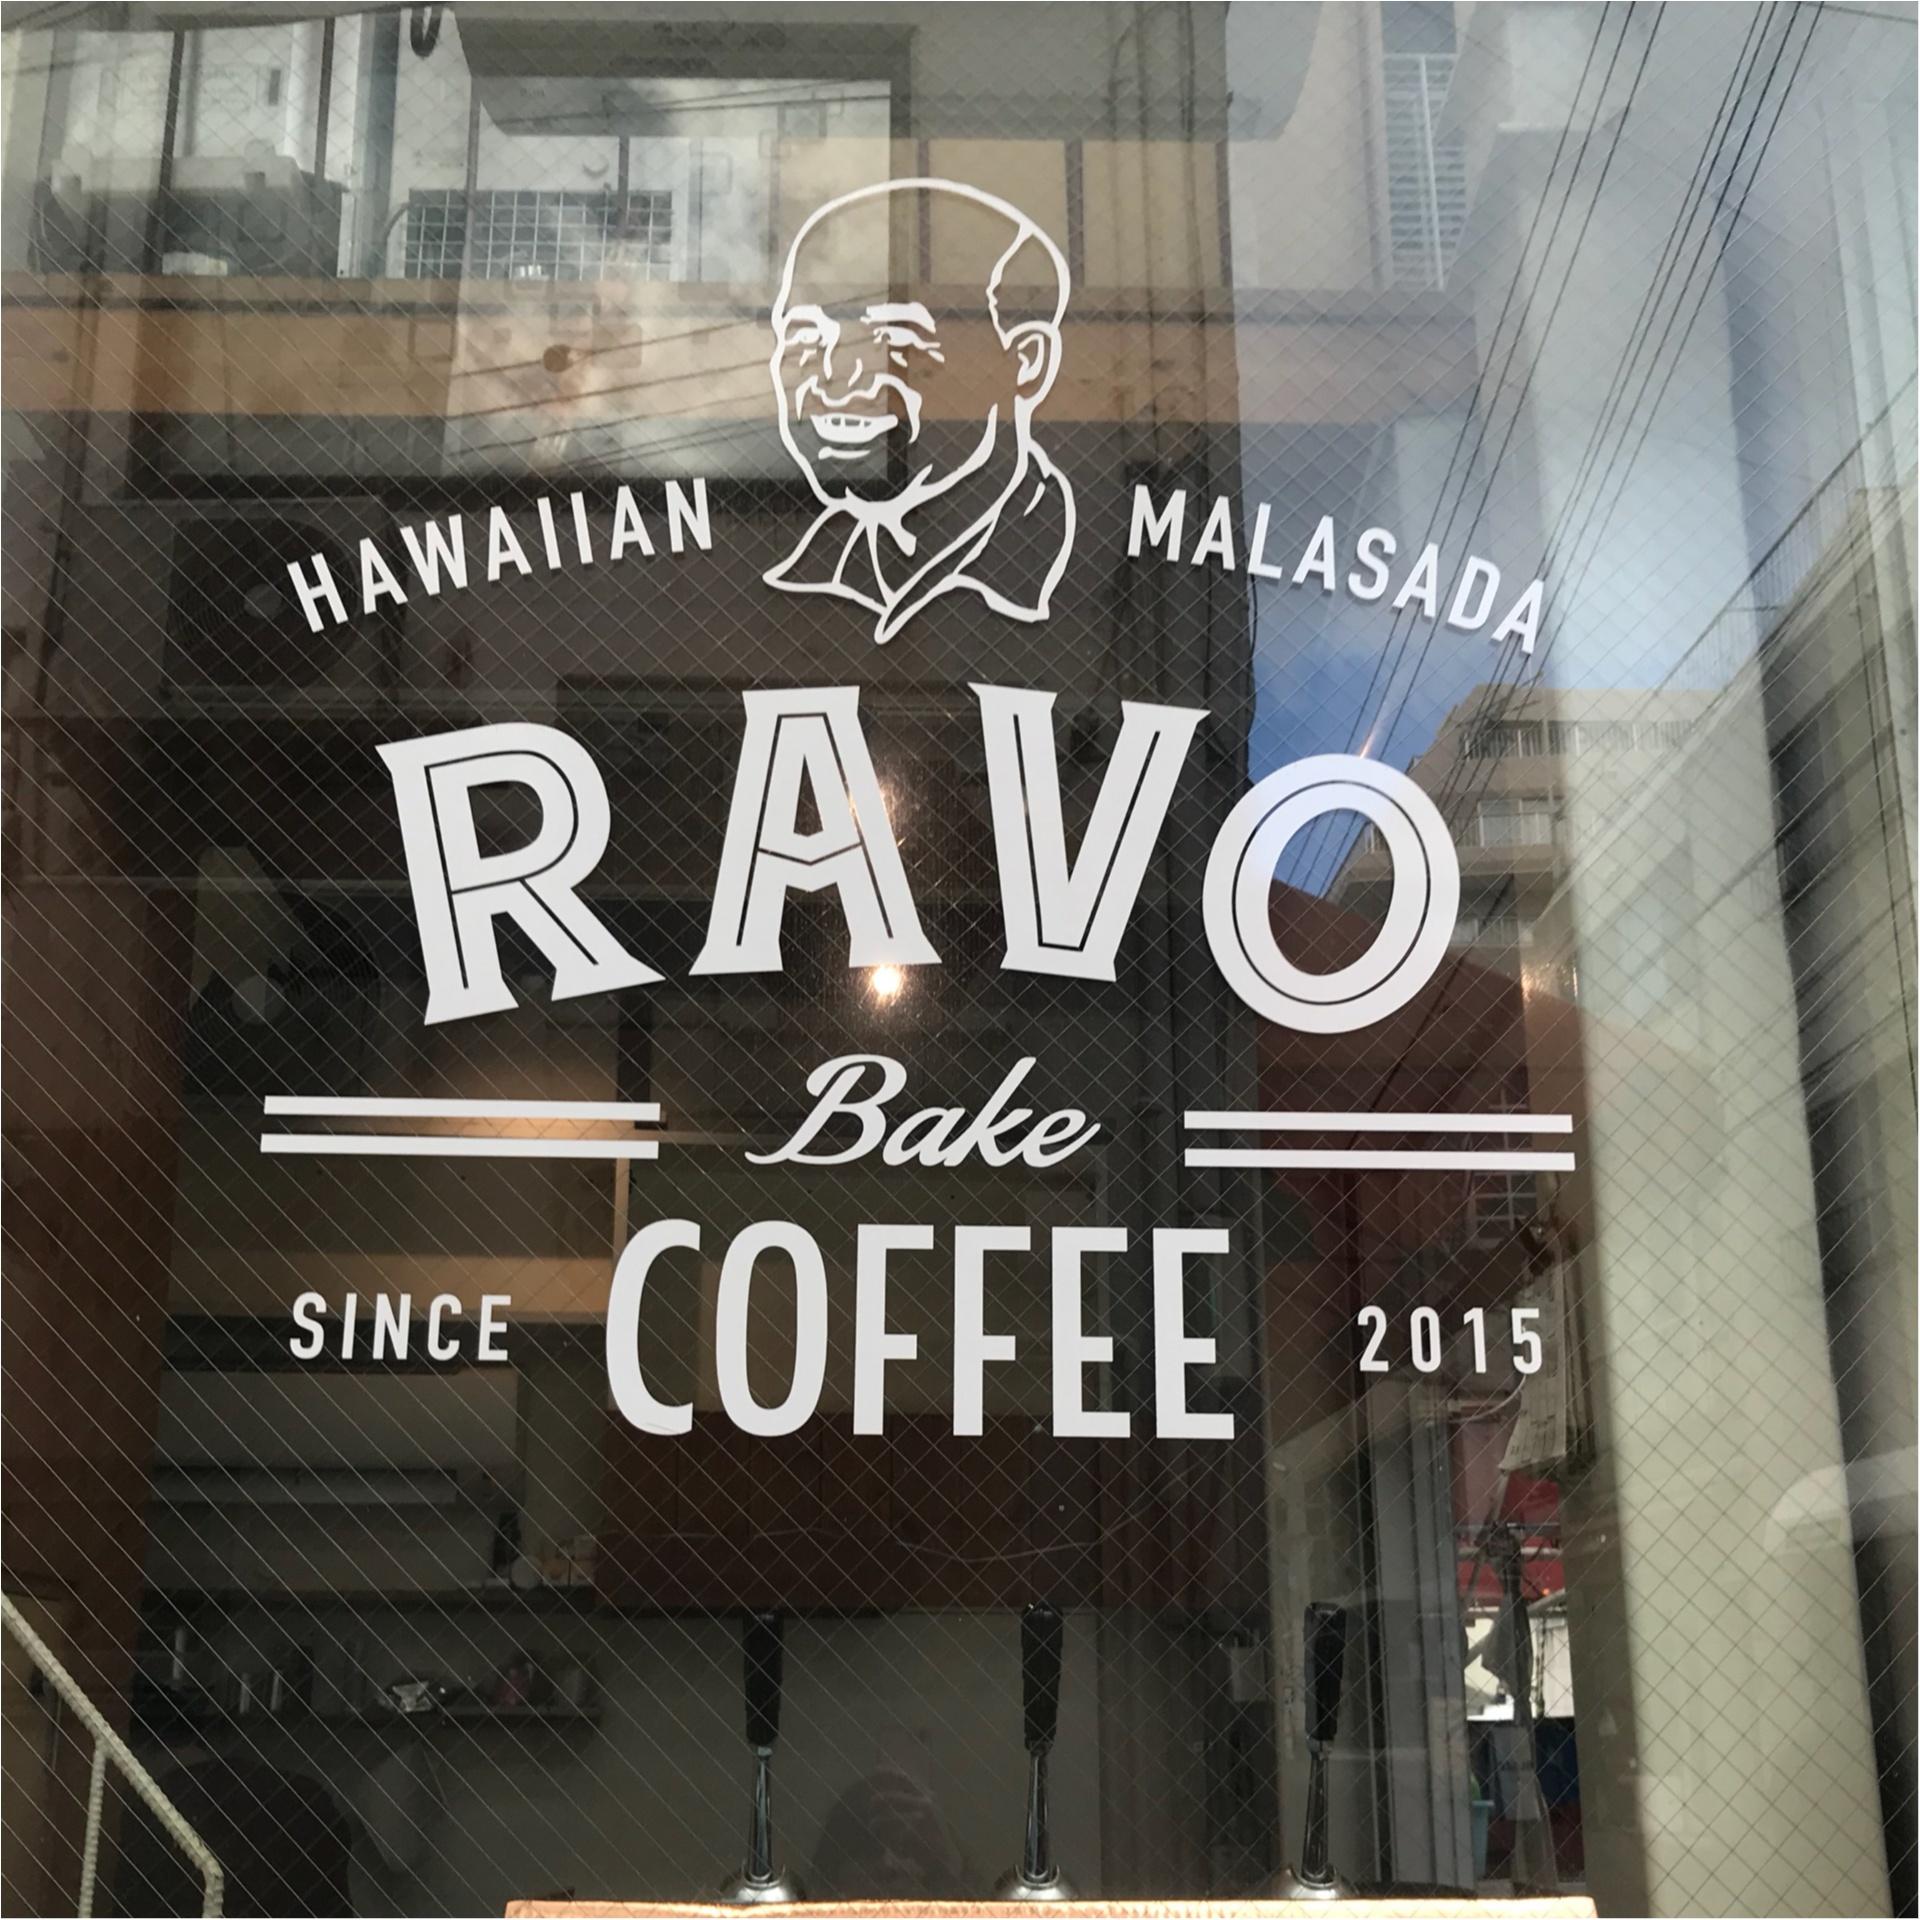 ★お洒落なマラサダに一目惚れ!神戸のお洒落エリアにあるスタンド『RAVO BAKE COFFEE』が素敵★_1